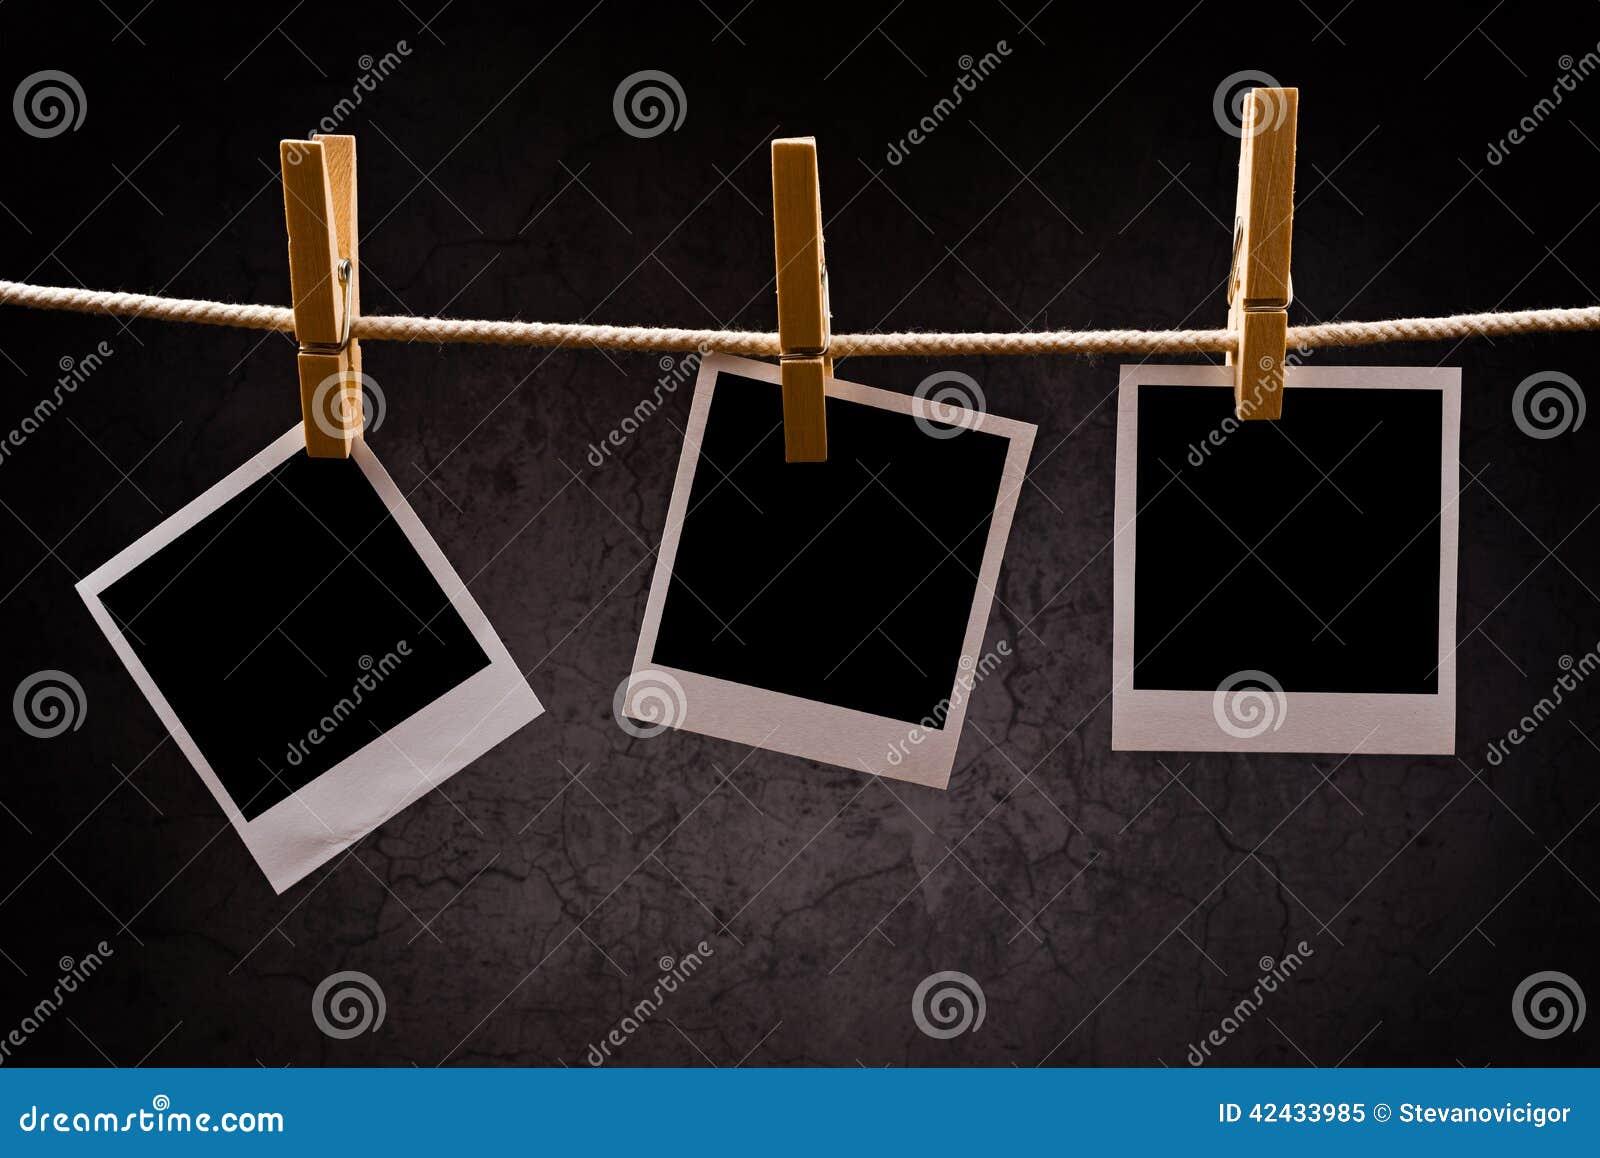 Papel de la fotografía con los marcos inmediatos de la foto atados al ingenio de la cuerda